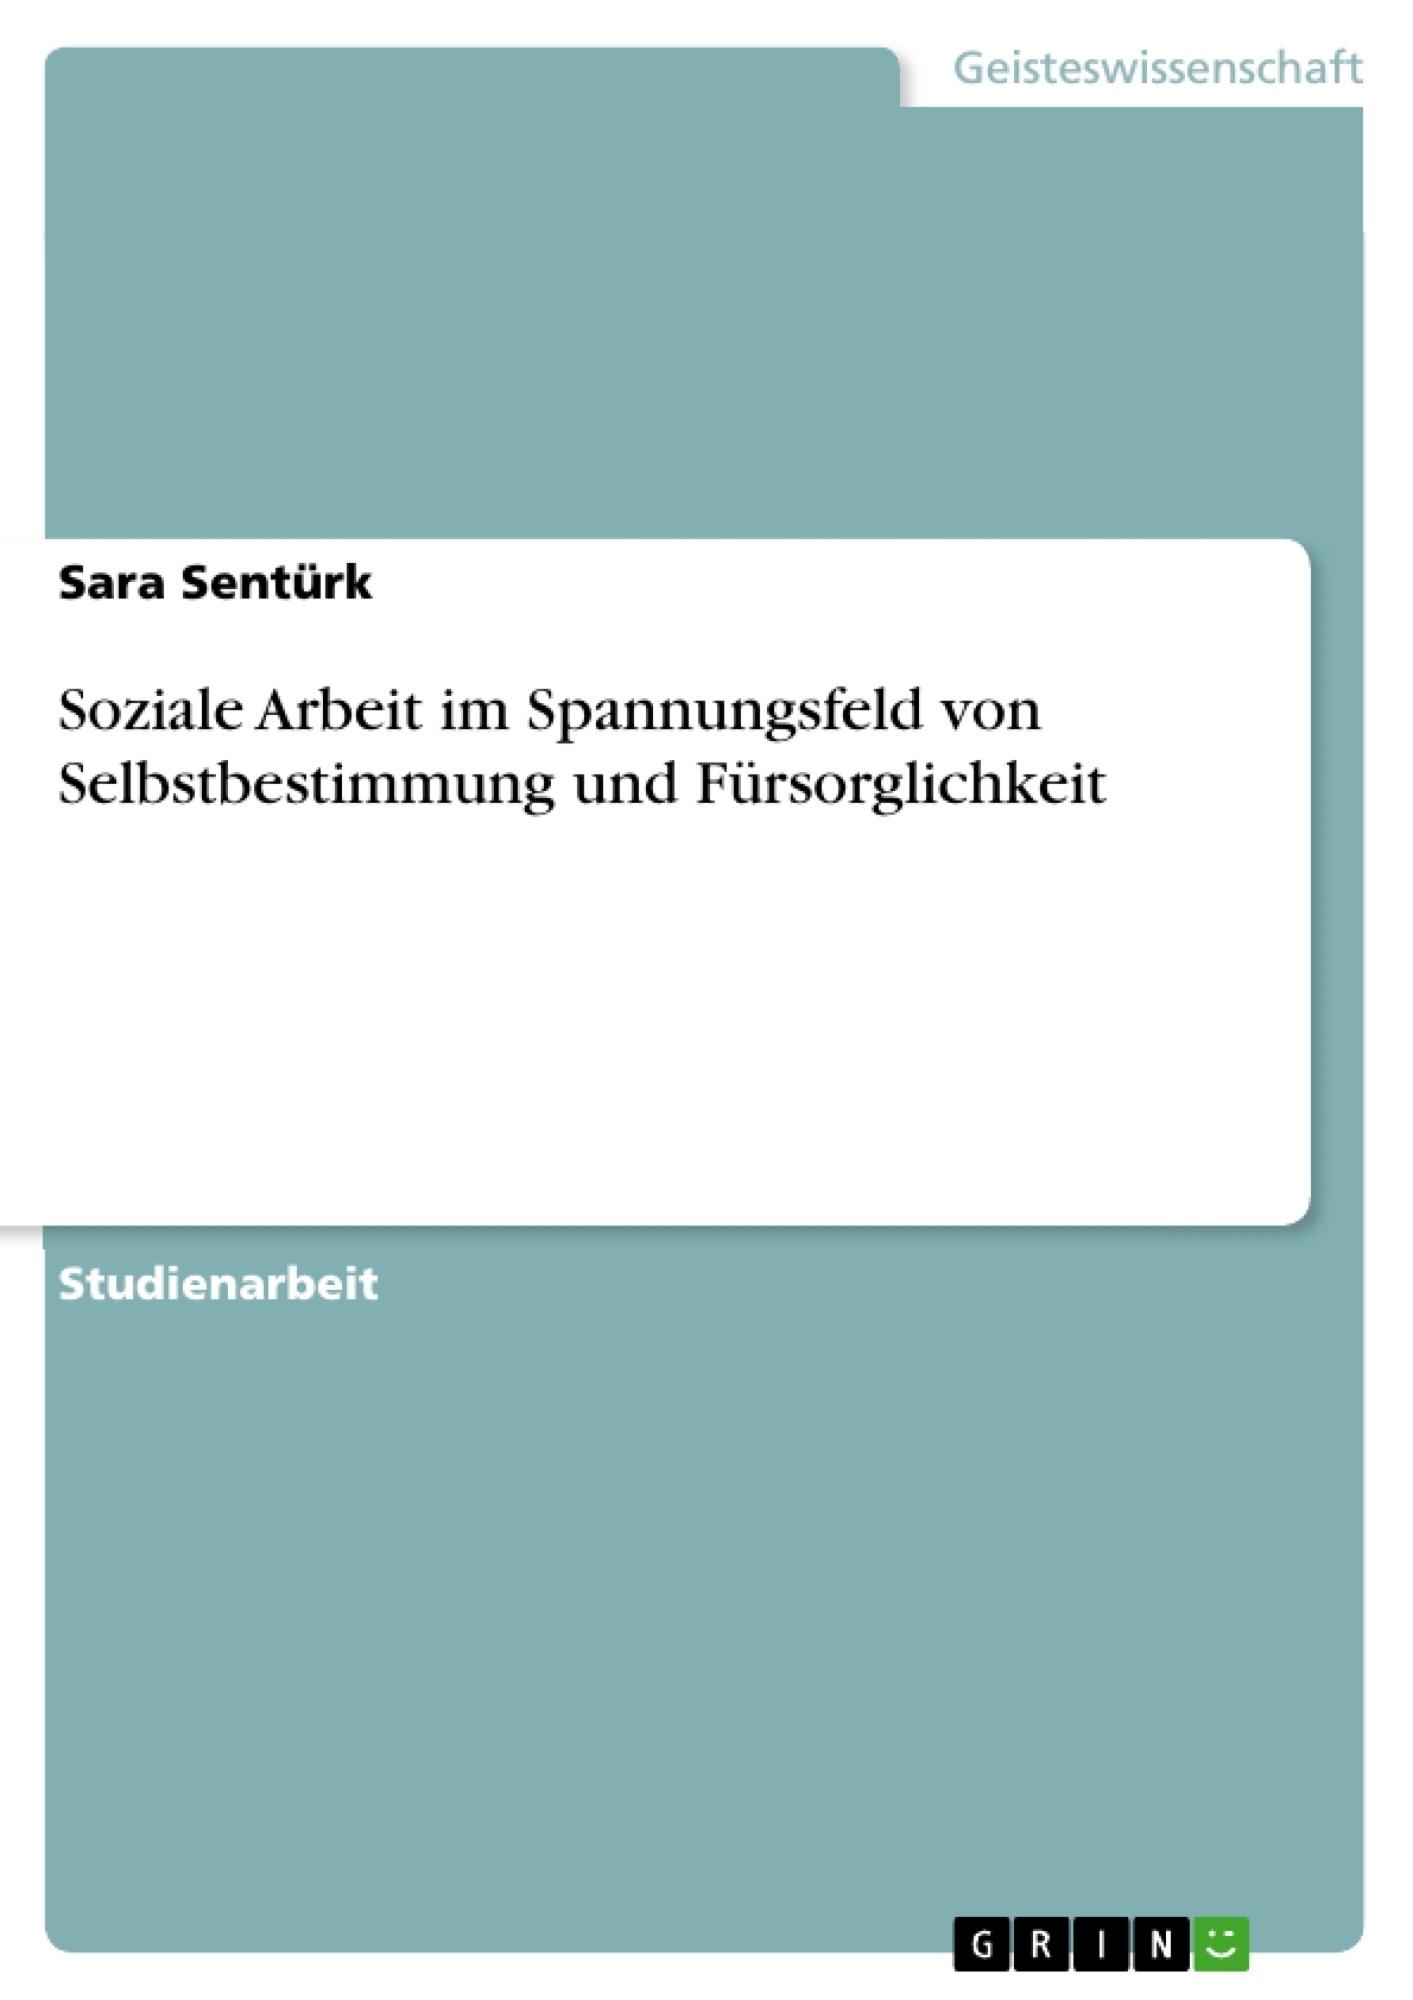 Titel: Soziale Arbeit im Spannungsfeld von Selbstbestimmung und Fürsorglichkeit